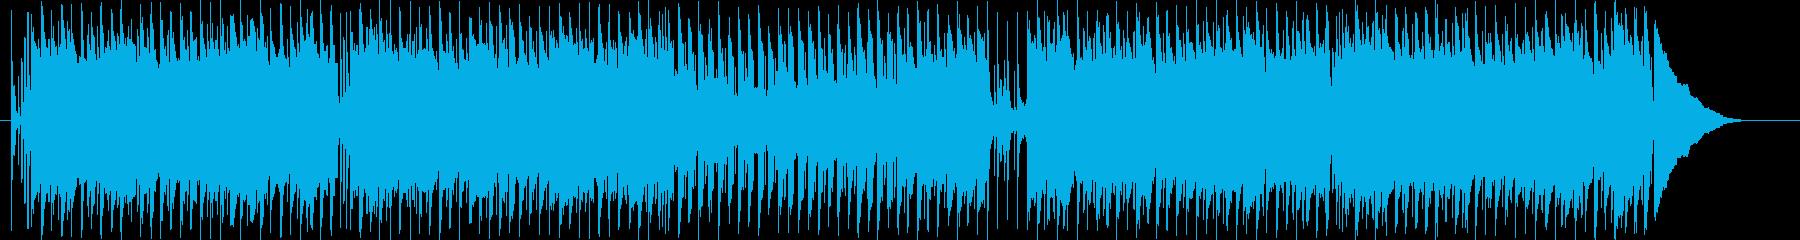 子供の日常をイメージしたほのぼのポップスの再生済みの波形